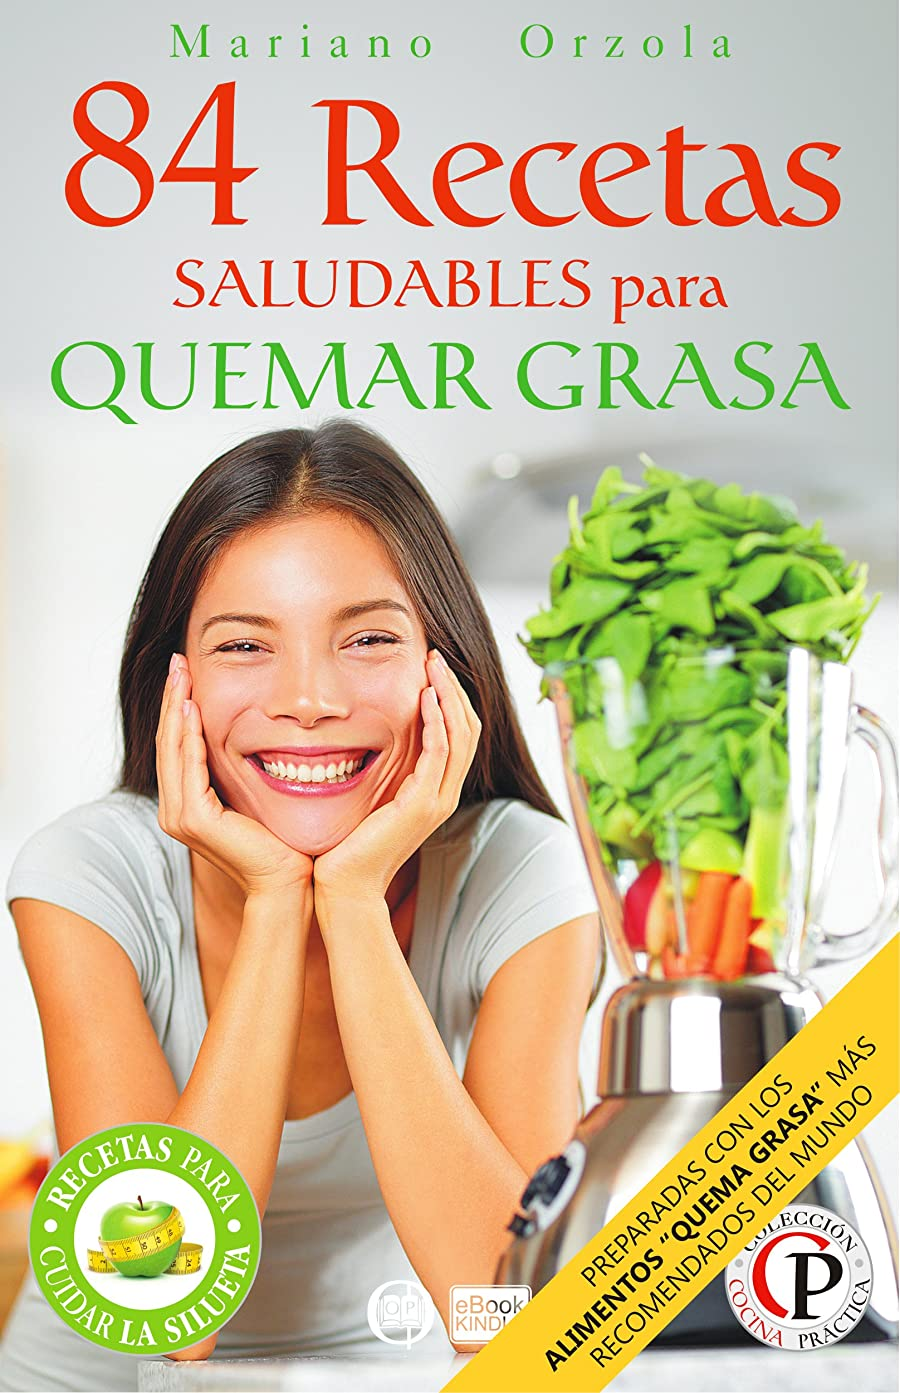 84 RECETAS SALUDABLES PARA QUEMAR GRASA: Preparadas con los alimentos